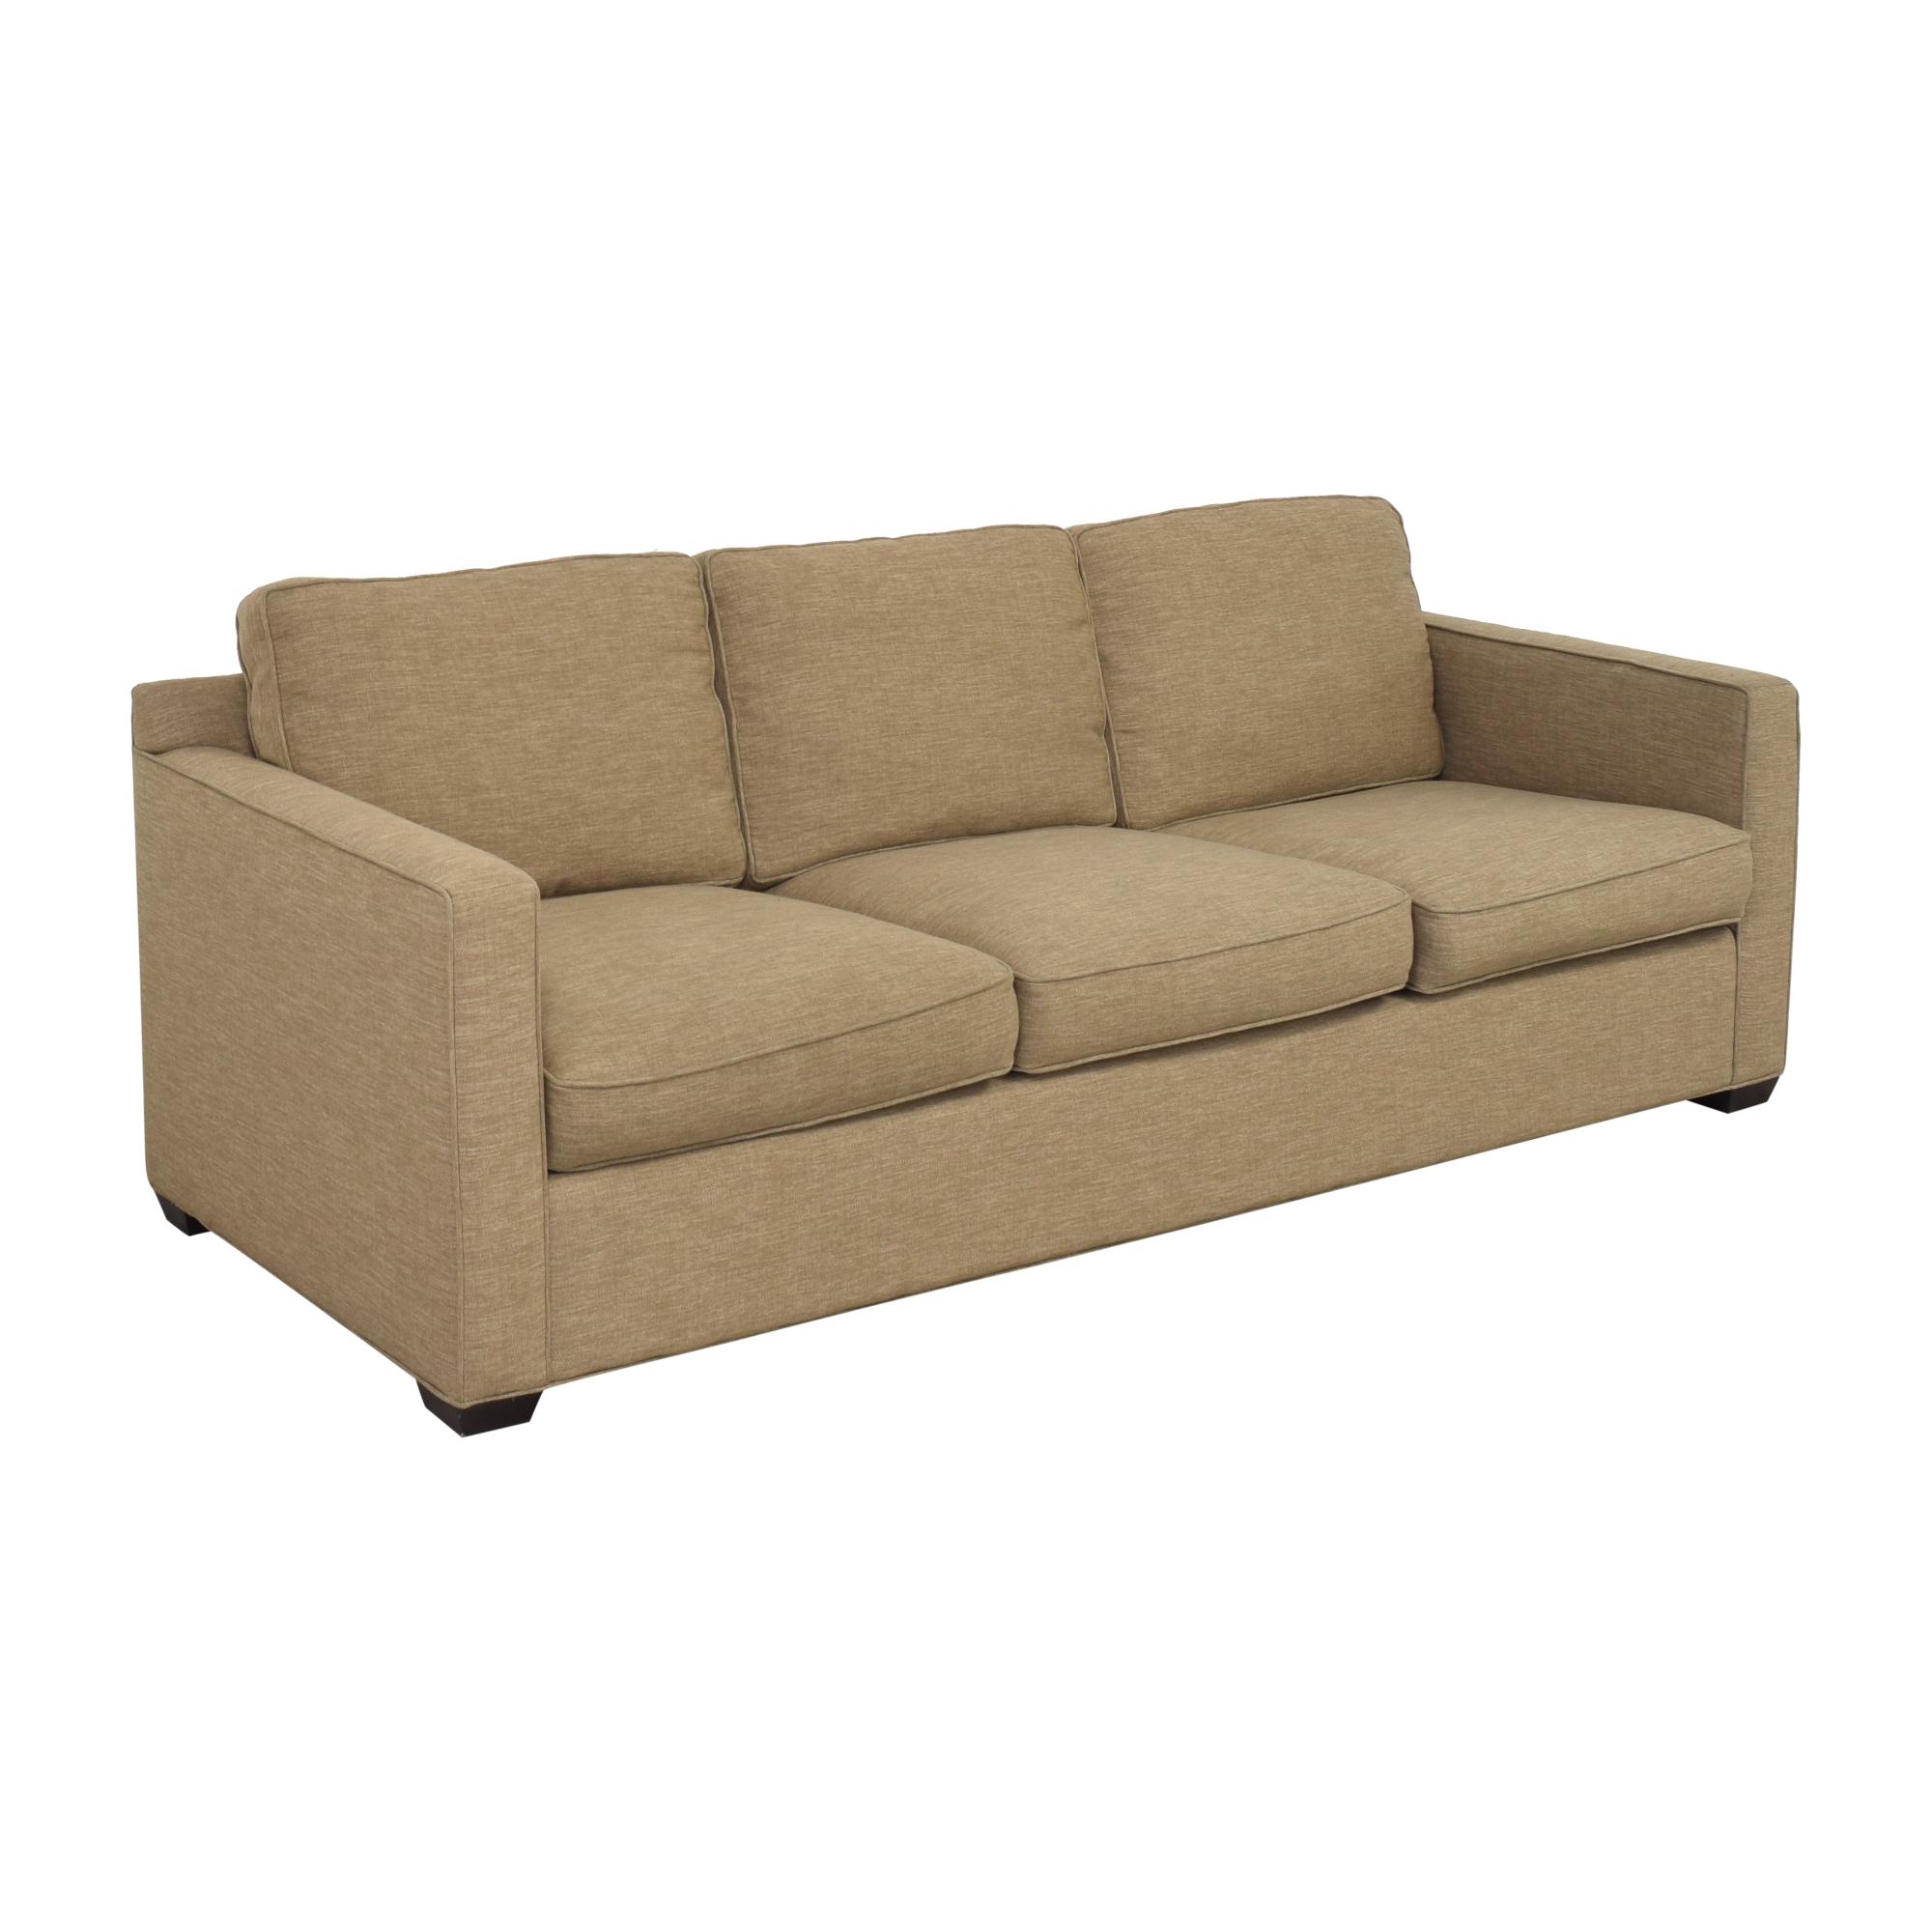 shop Crate & Barrel Davis 3 Seat Sofa Crate & Barrel Classic Sofas